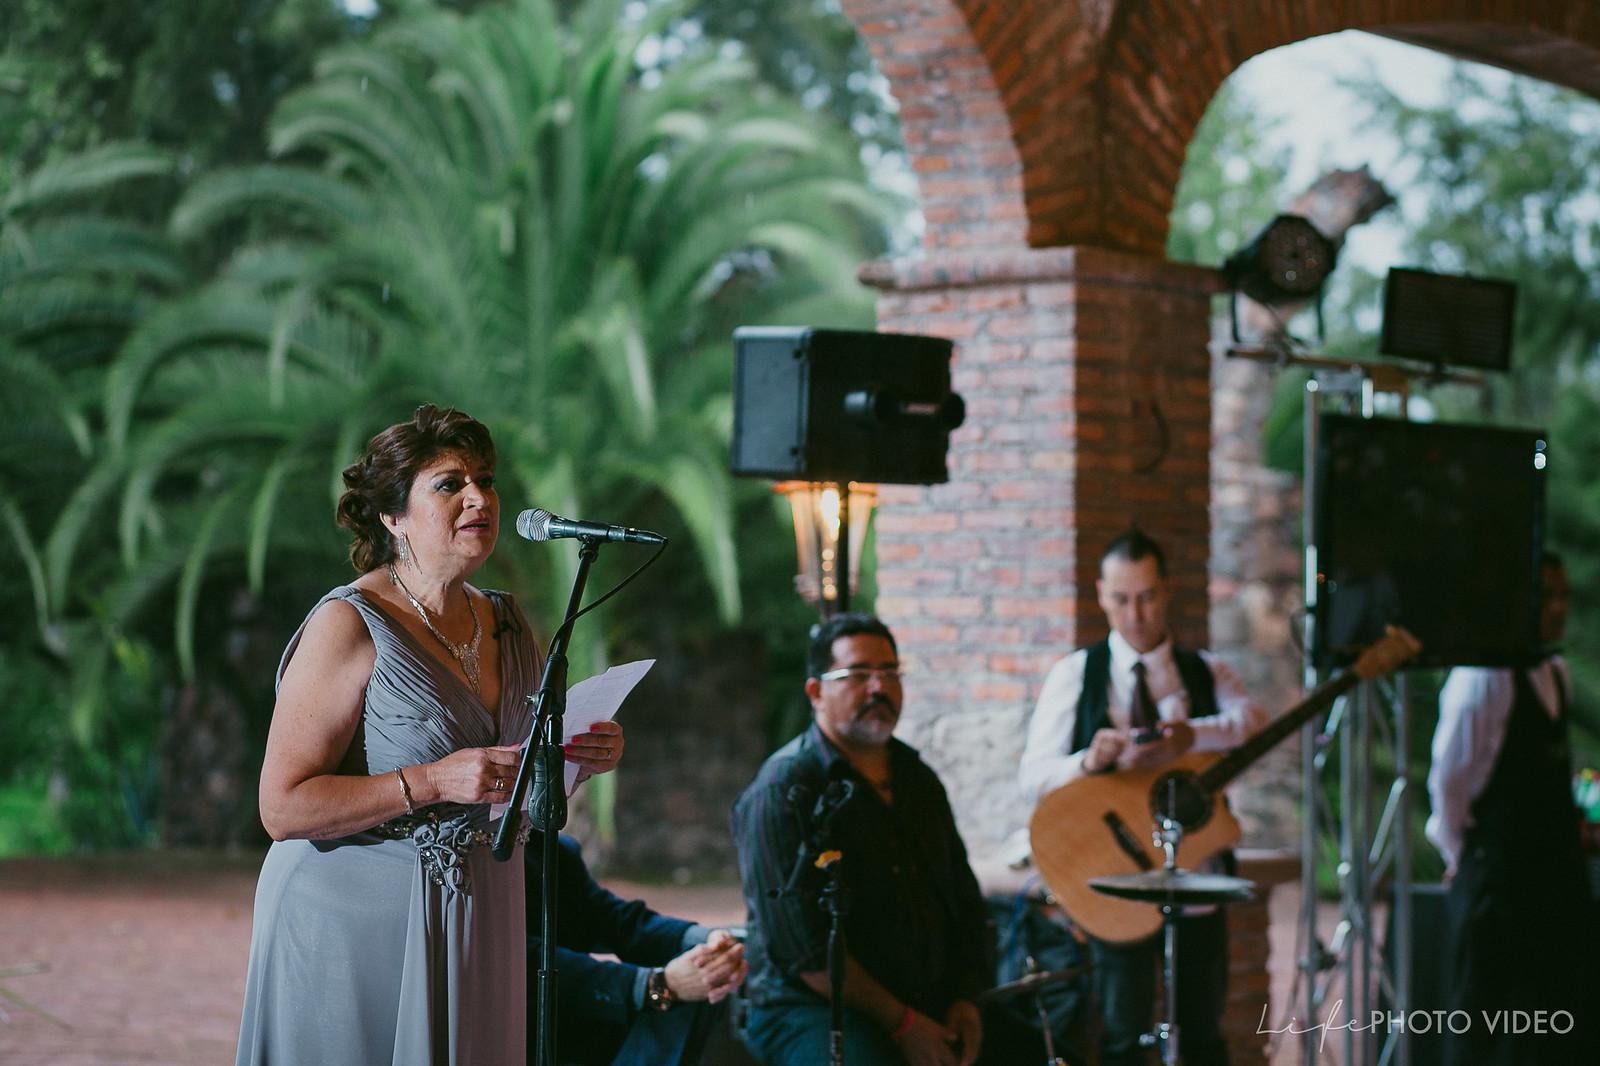 LifePhotoVideo_Boda_LeonGto_Wedding_0025.jpg